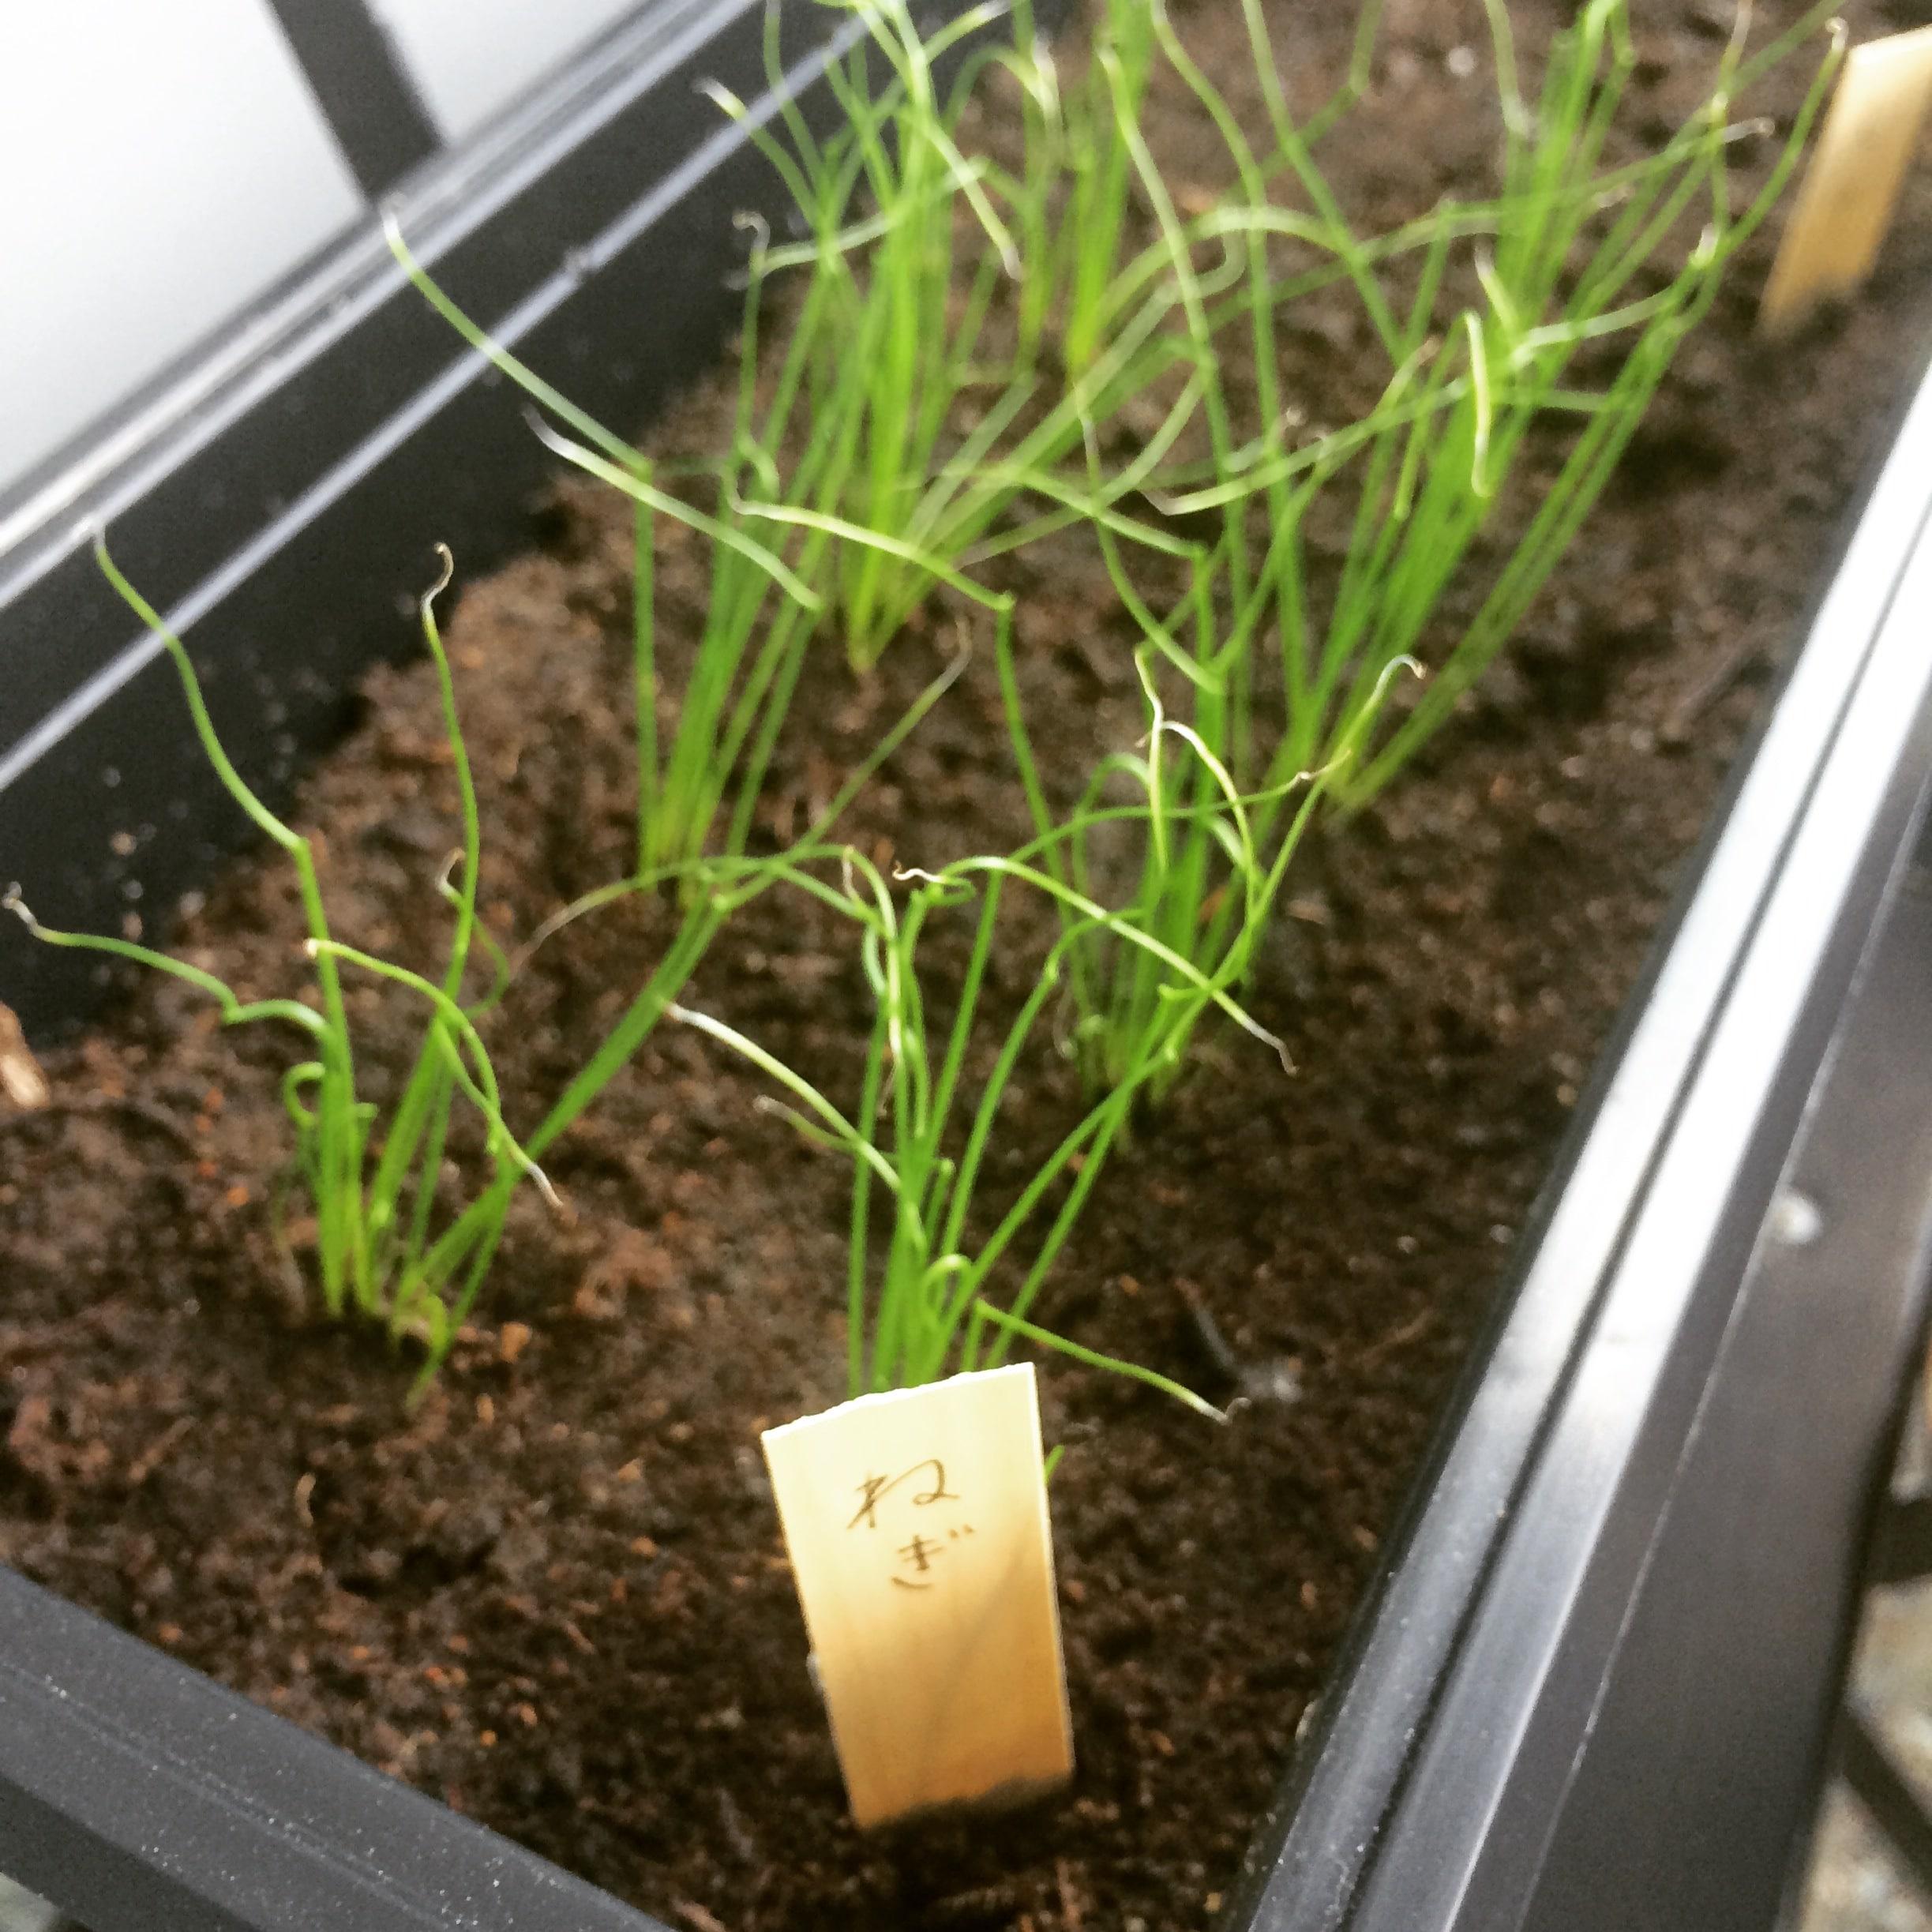 ネギを育てて三ヶ月。フィンランドで野菜を栽培するなら種はここでゲット!